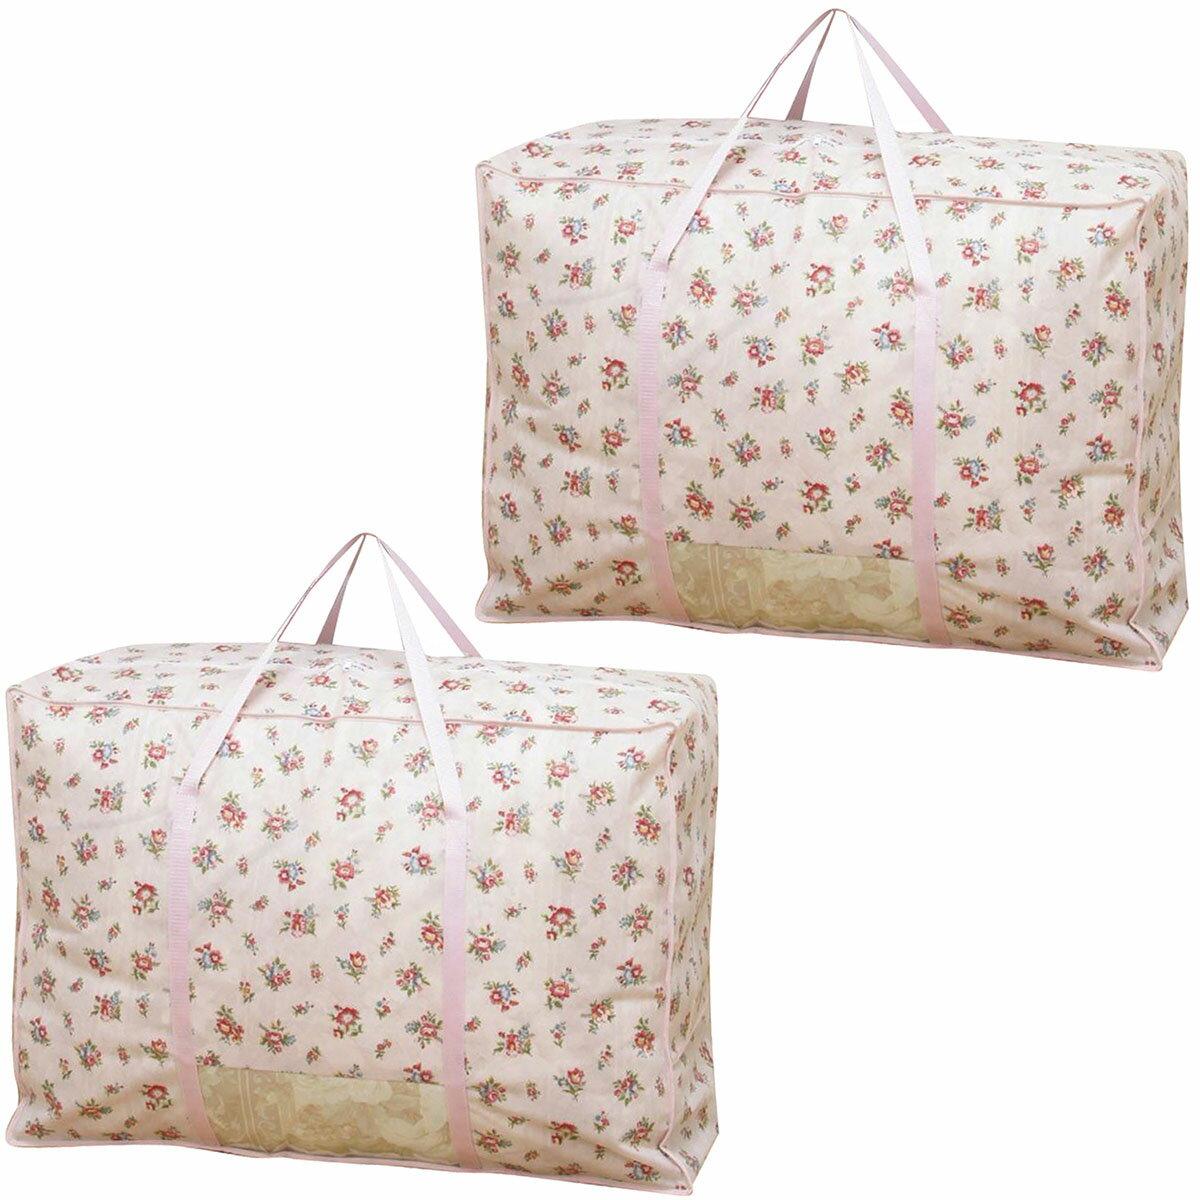 アストロ 羽毛布団 収納袋 2枚 シングル用 チューリップ柄